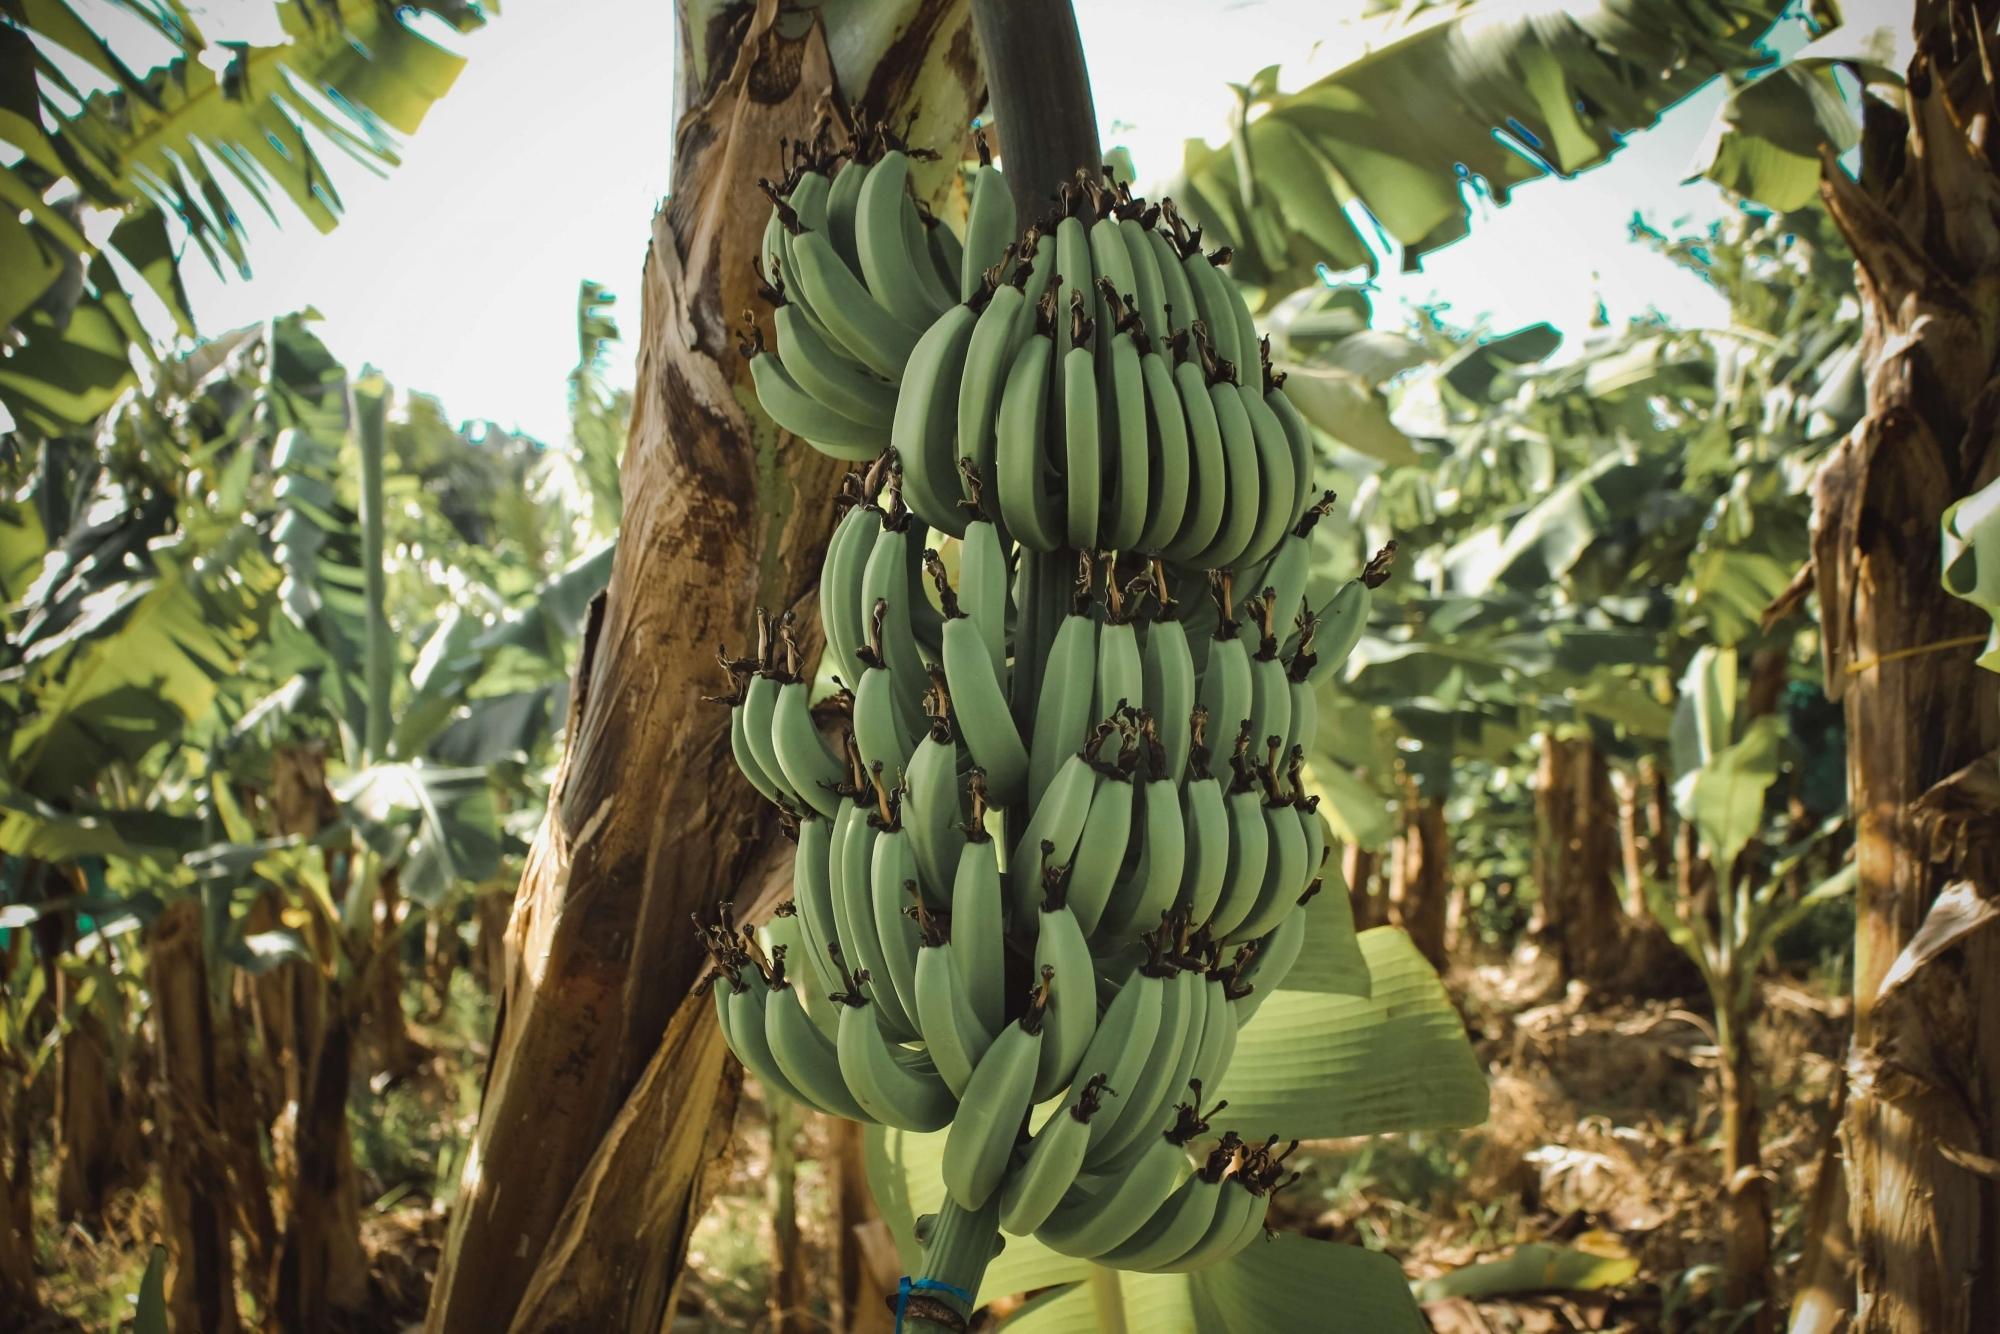 バナナペーパーの採用で、SDGsの17のグローバル目標すべてに貢献する